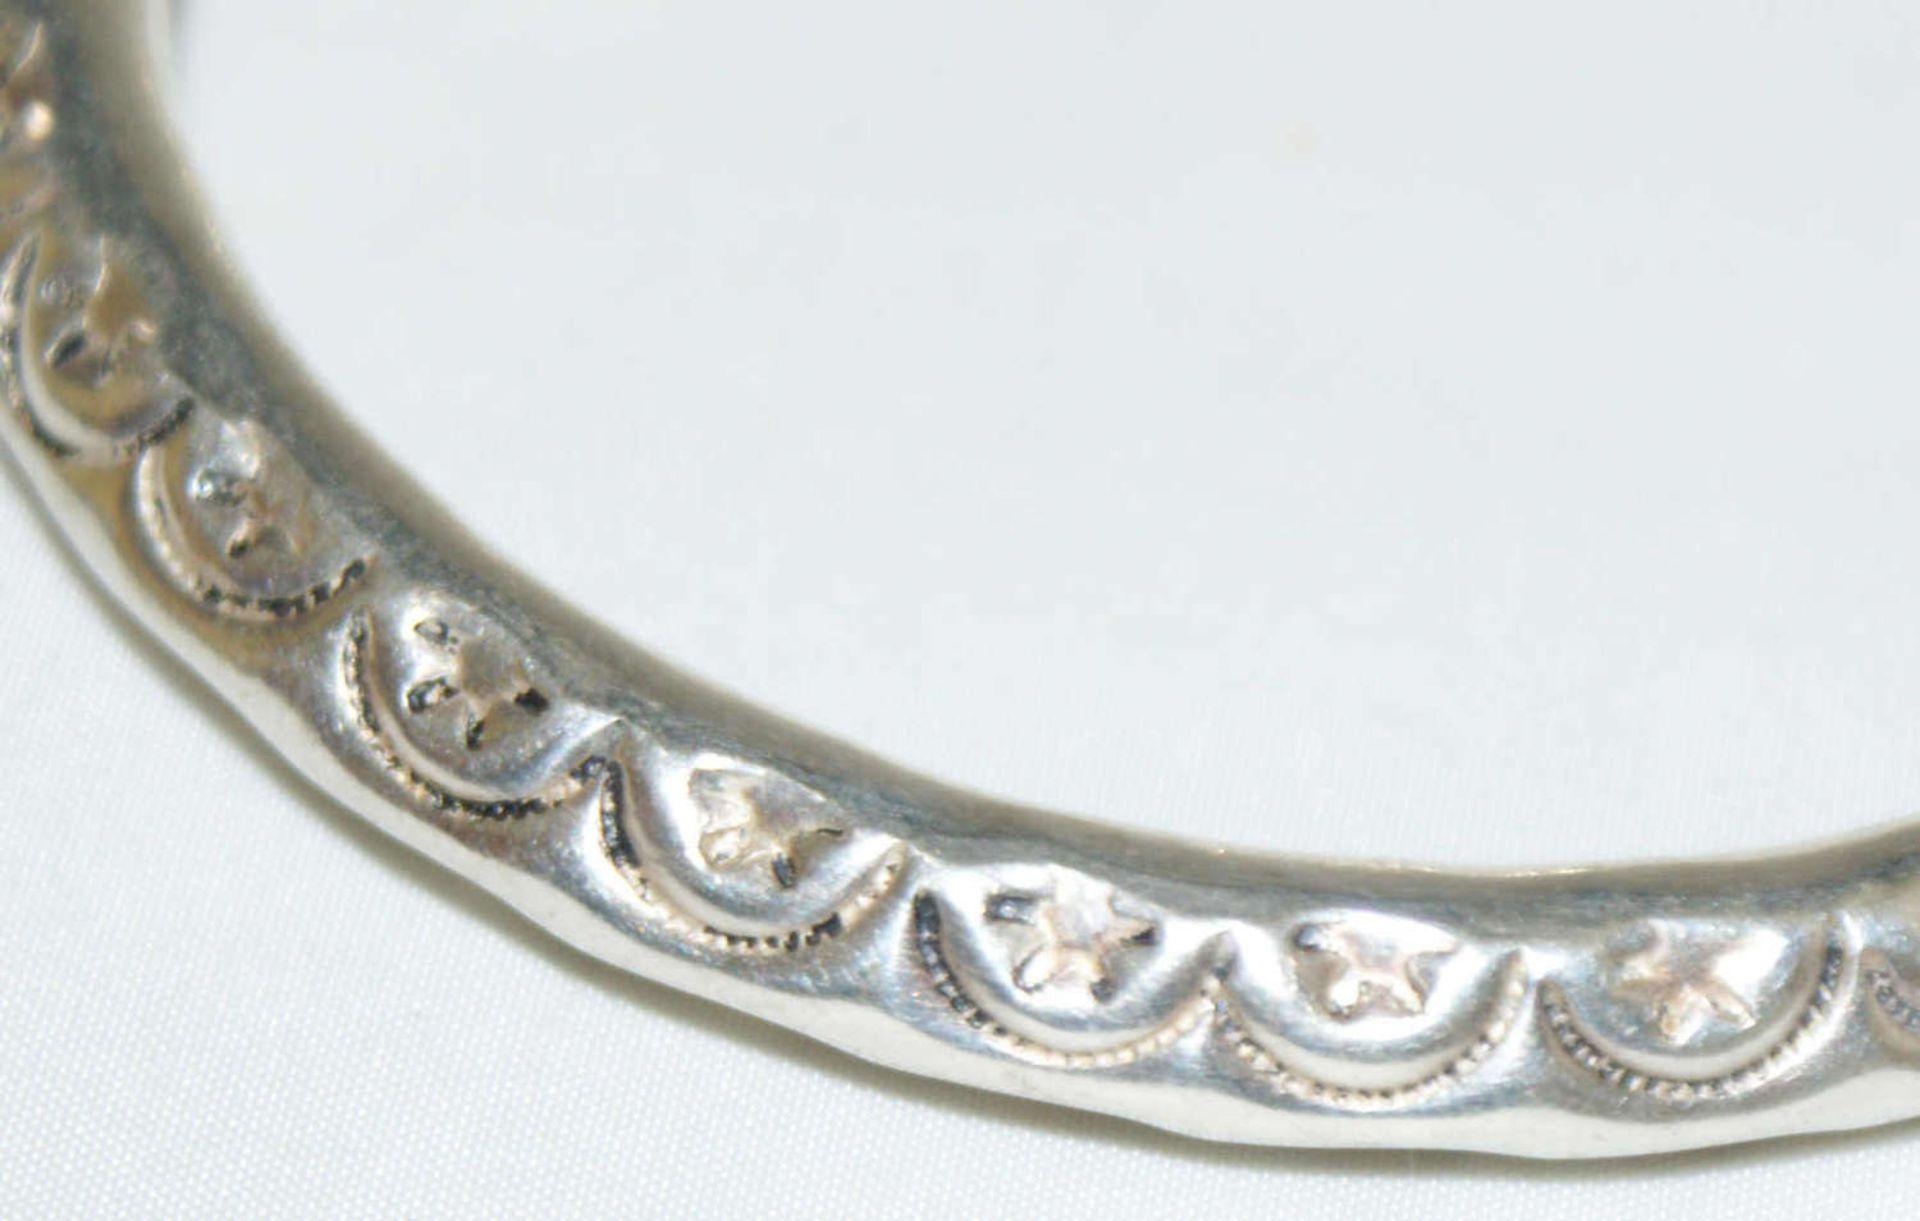 Armreif, 925er Silber, verziert mit Ornamenten. Offene Ringschiene. Gewicht ca. 24 gr - Bild 2 aus 2